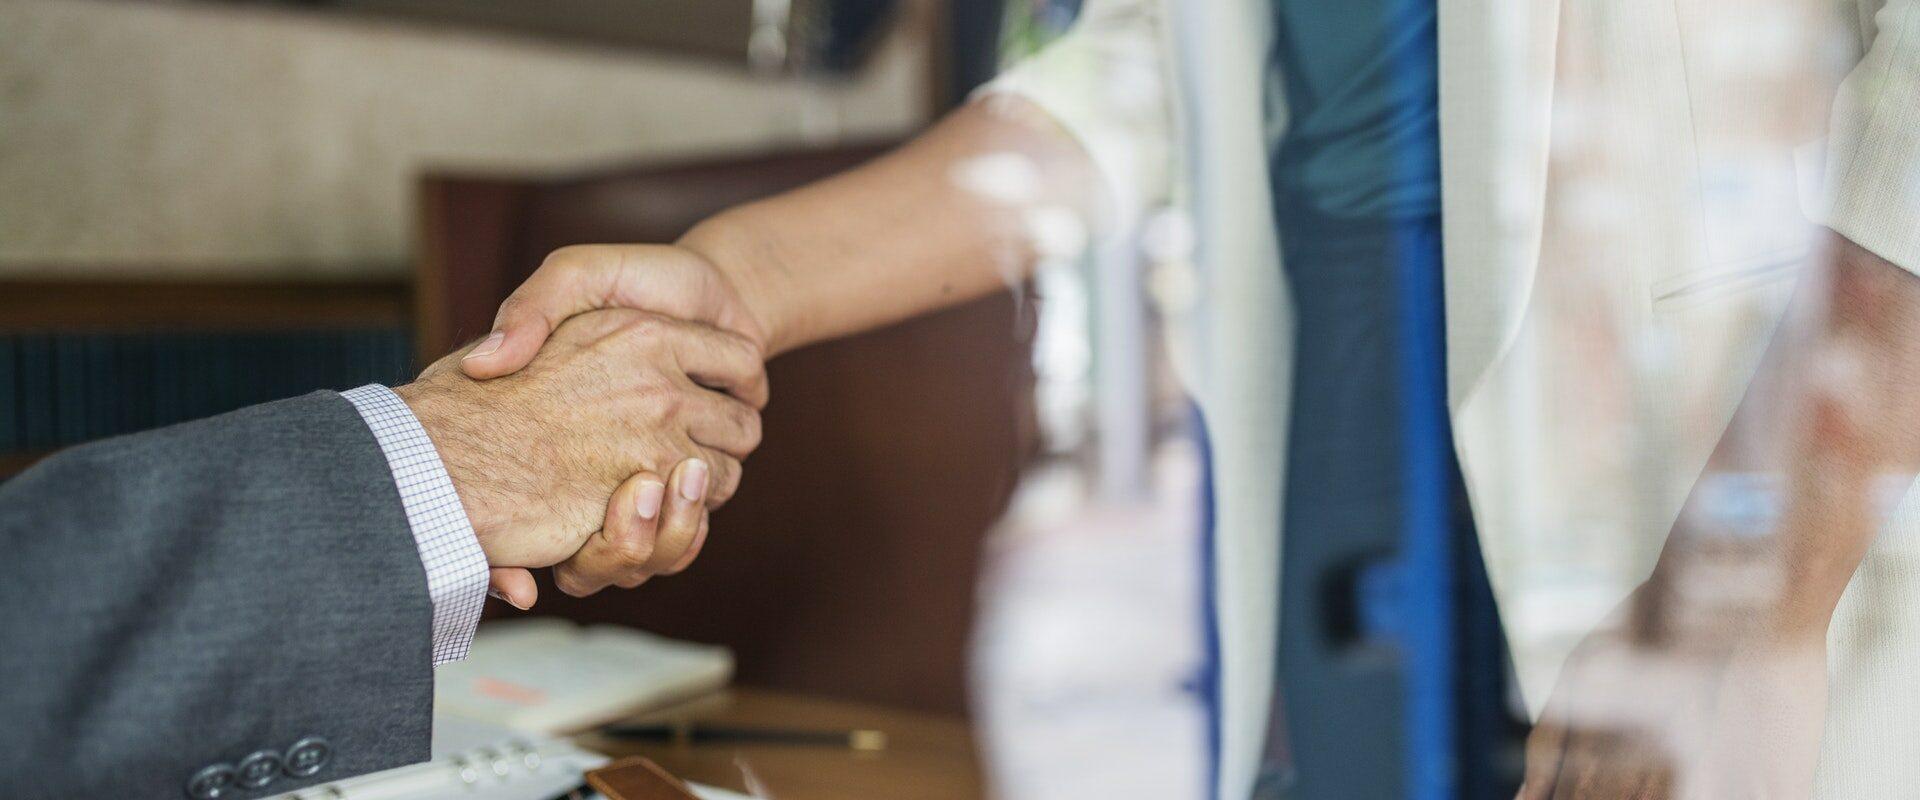 handen schudden afspraak